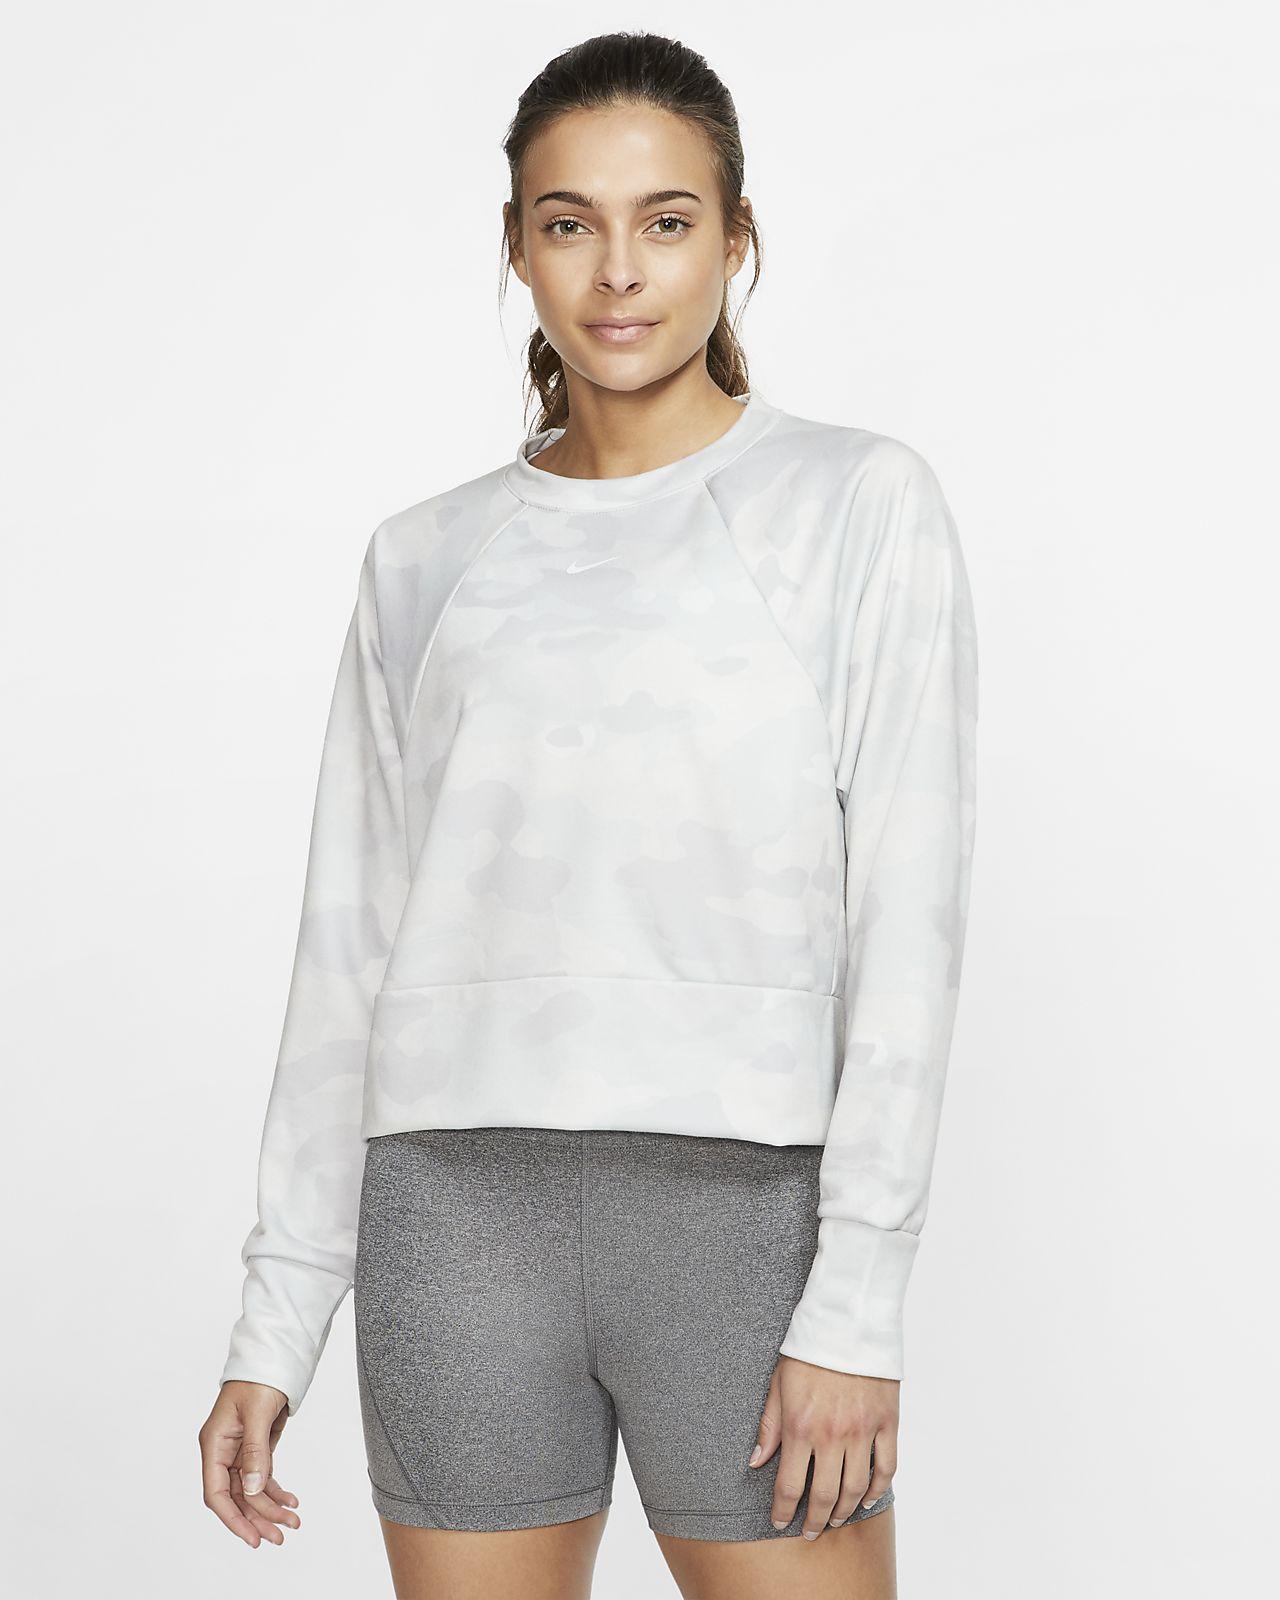 Nike Dri-FIT Trainingstop van fleece met camouflageprint voor dames